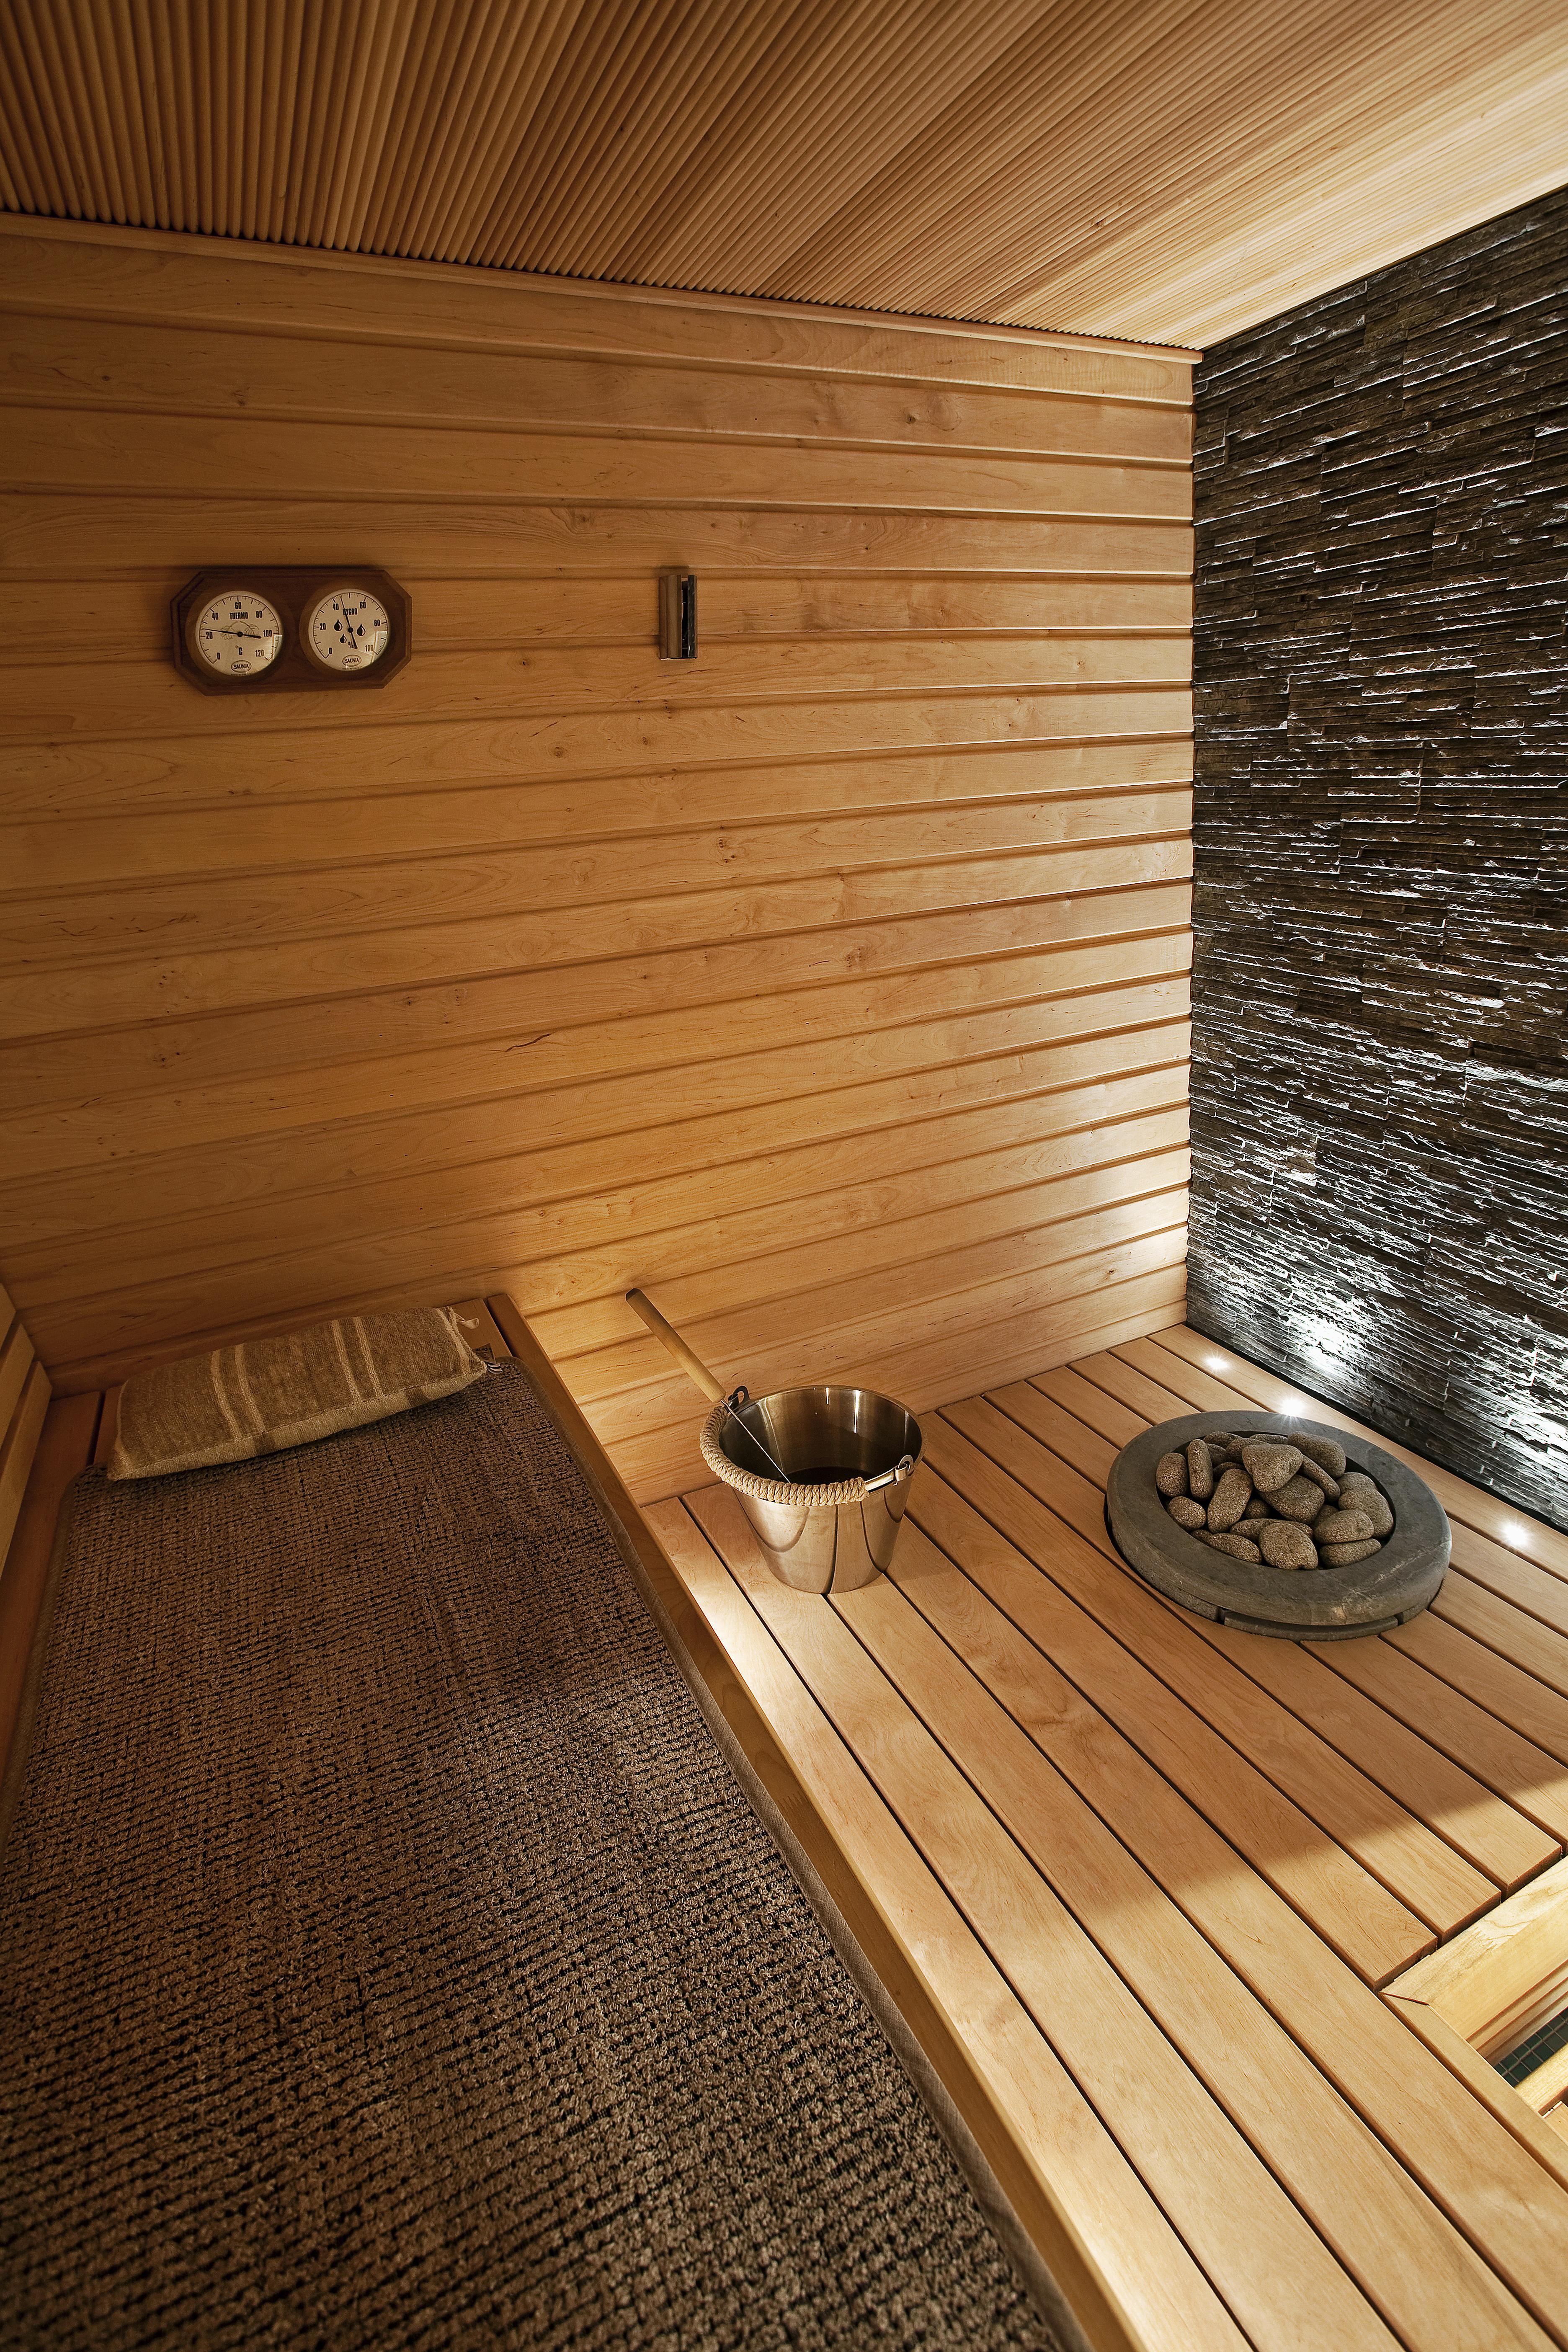 Yksinkertaista. Vaalea puu, luonnonkivi ja hämyisä valaistus tekevät saunaan levollisen tunnelman. Alalauteeseen upotettu kiuas on Kastorin.